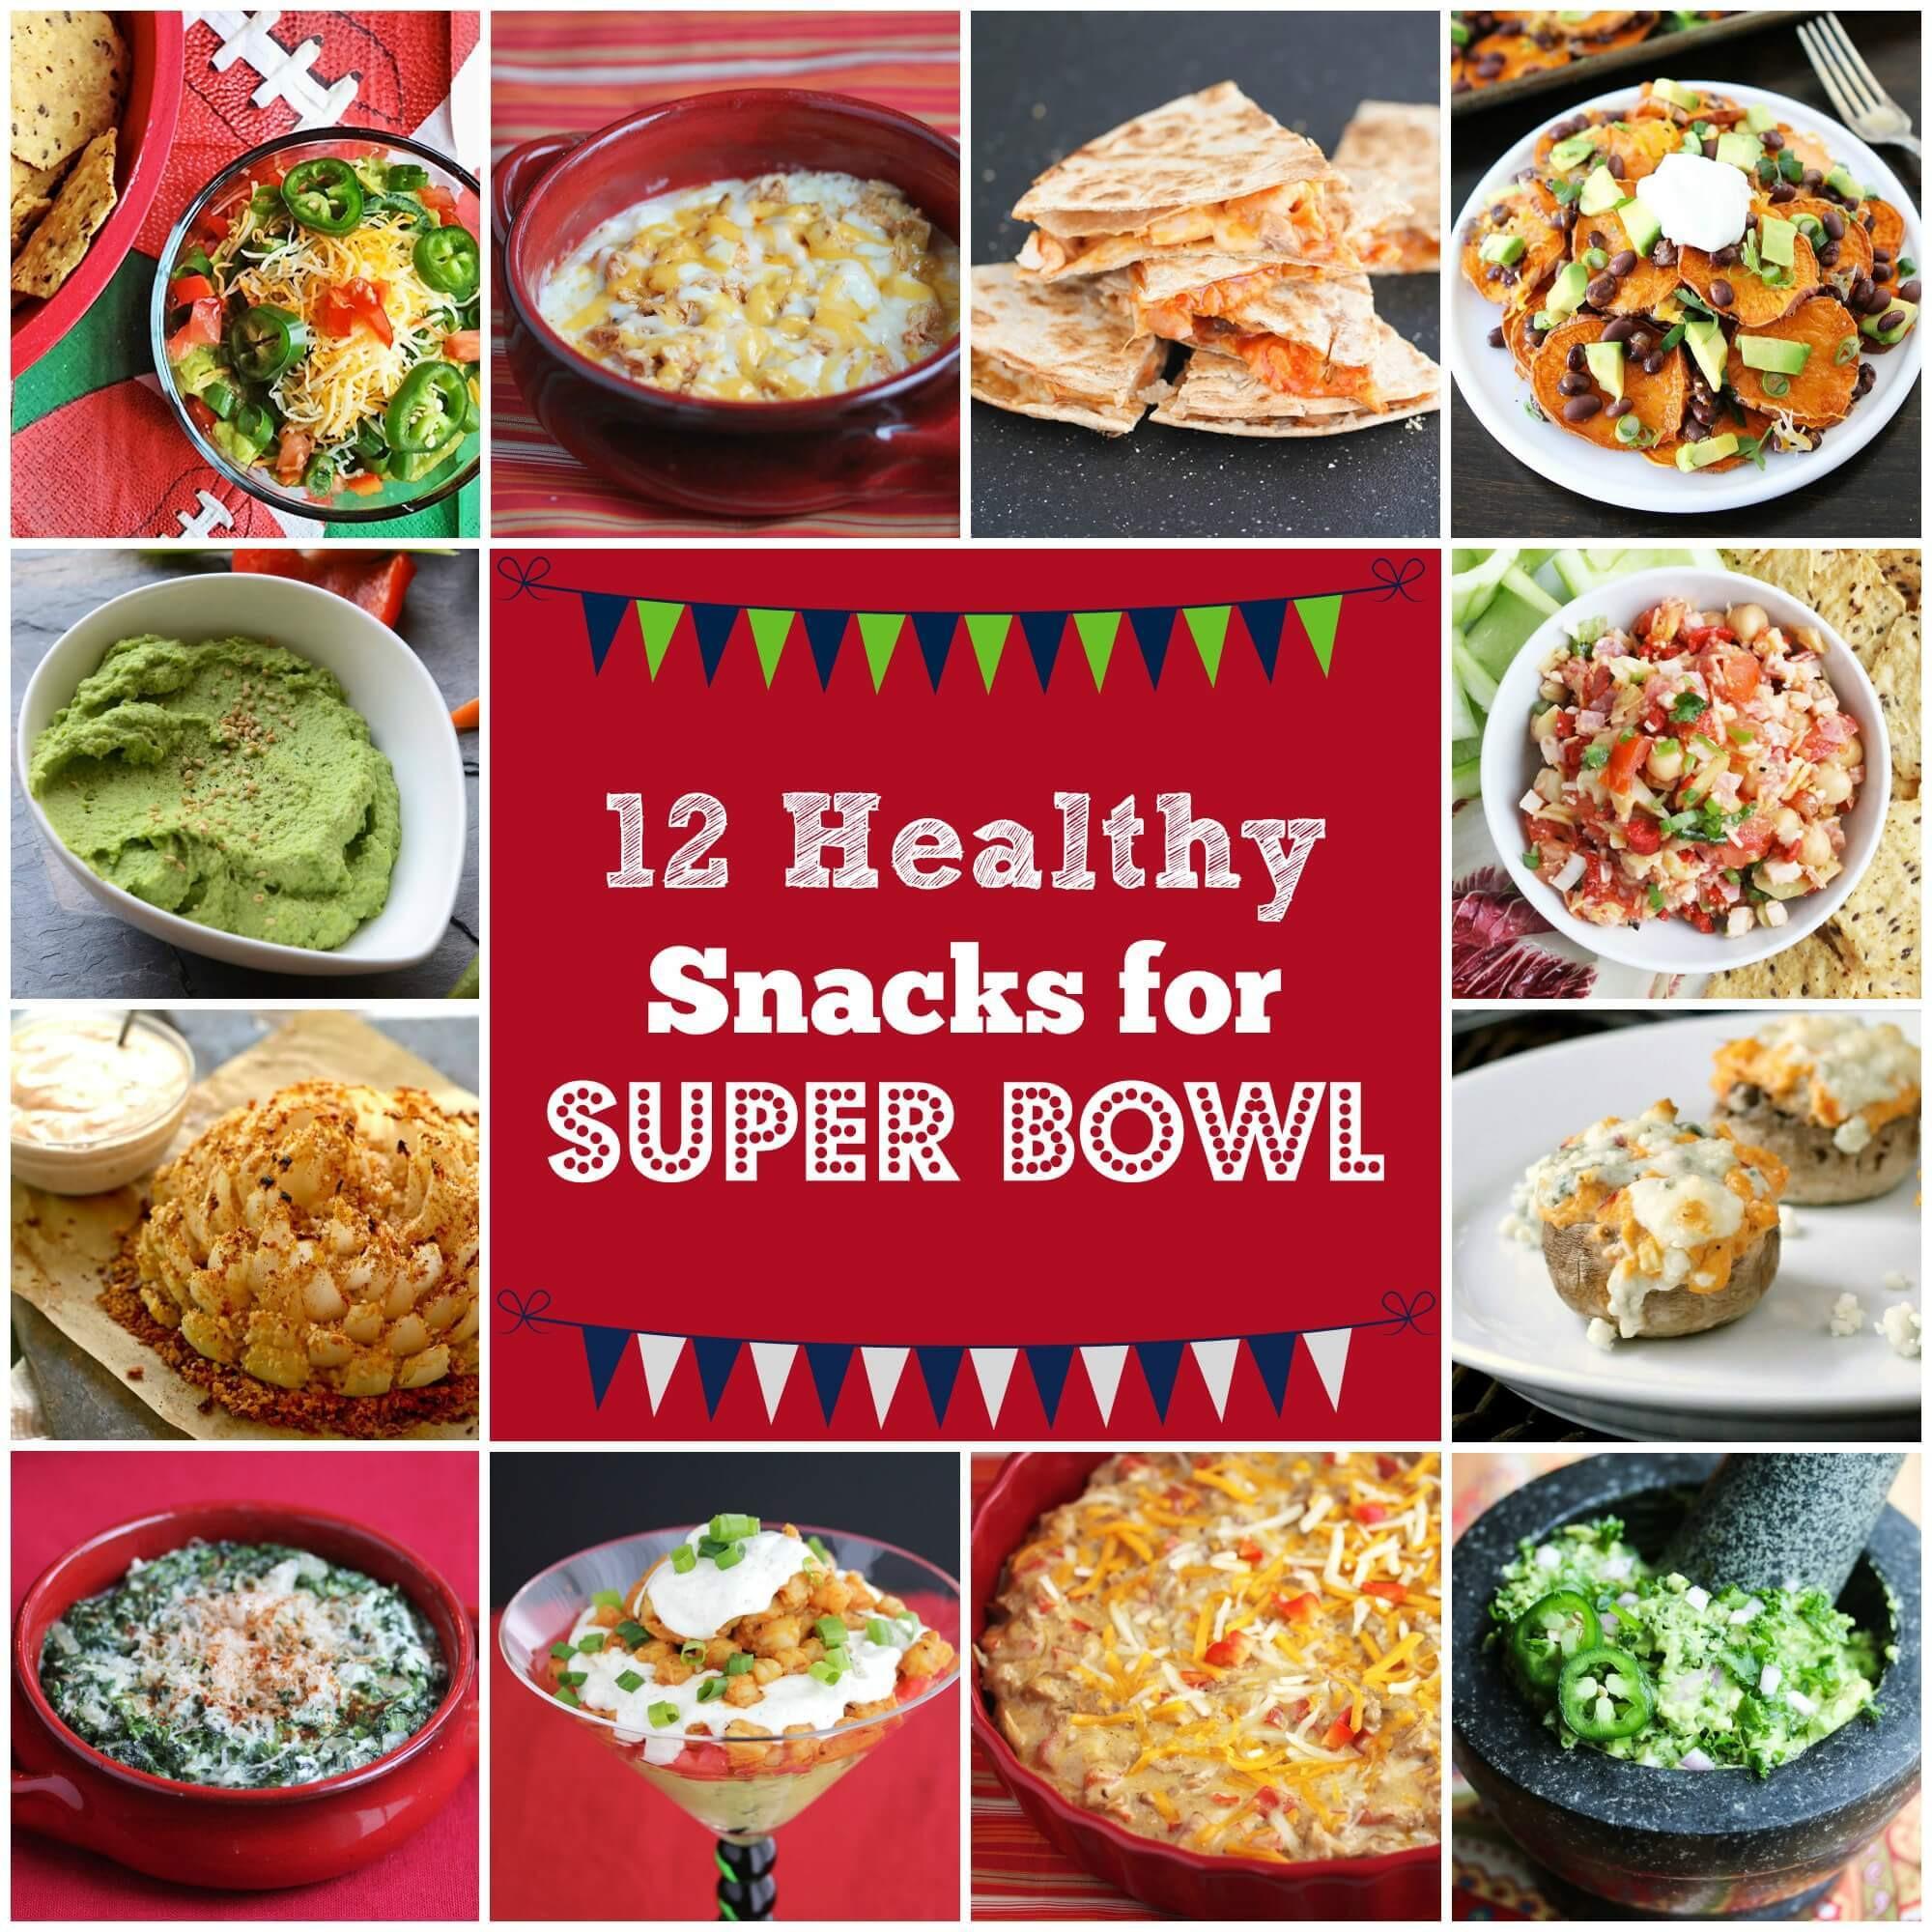 Super Bowl Recipes Healthy  healthy superbowl food recipes